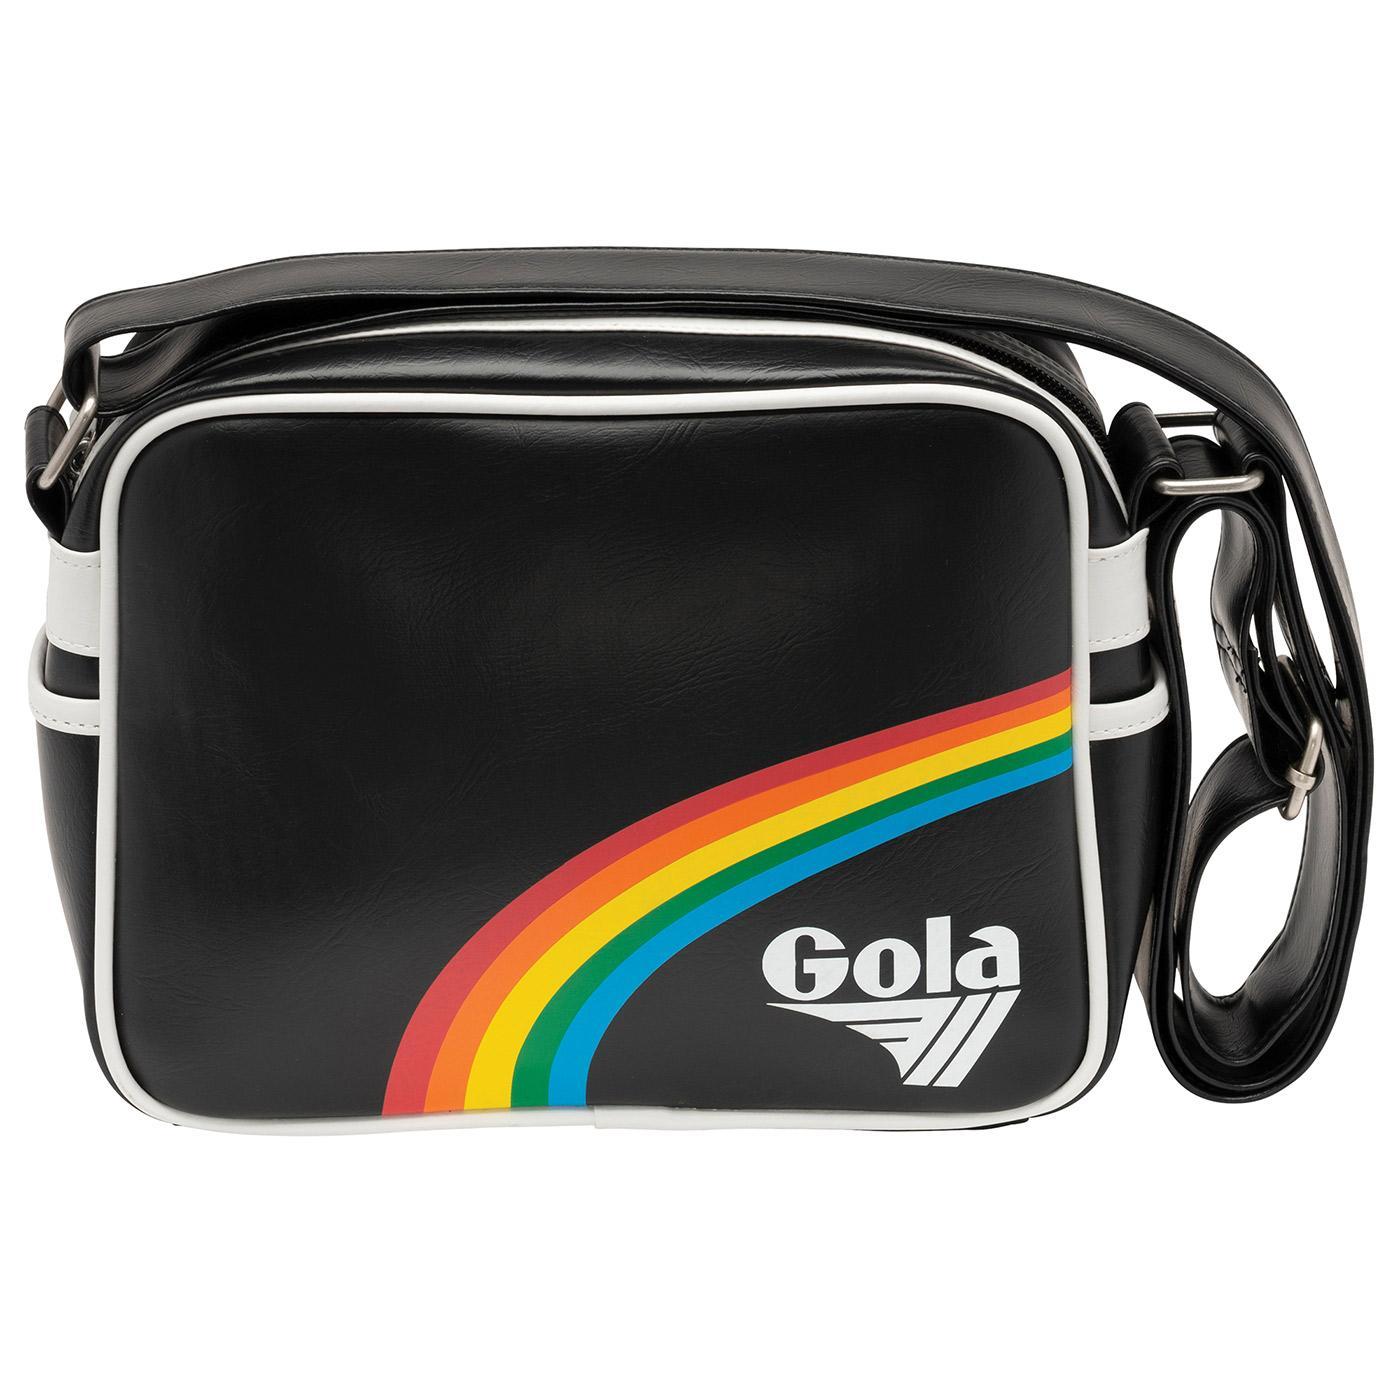 GOLA Redford Prism Retro 1970s Shoulder Bag